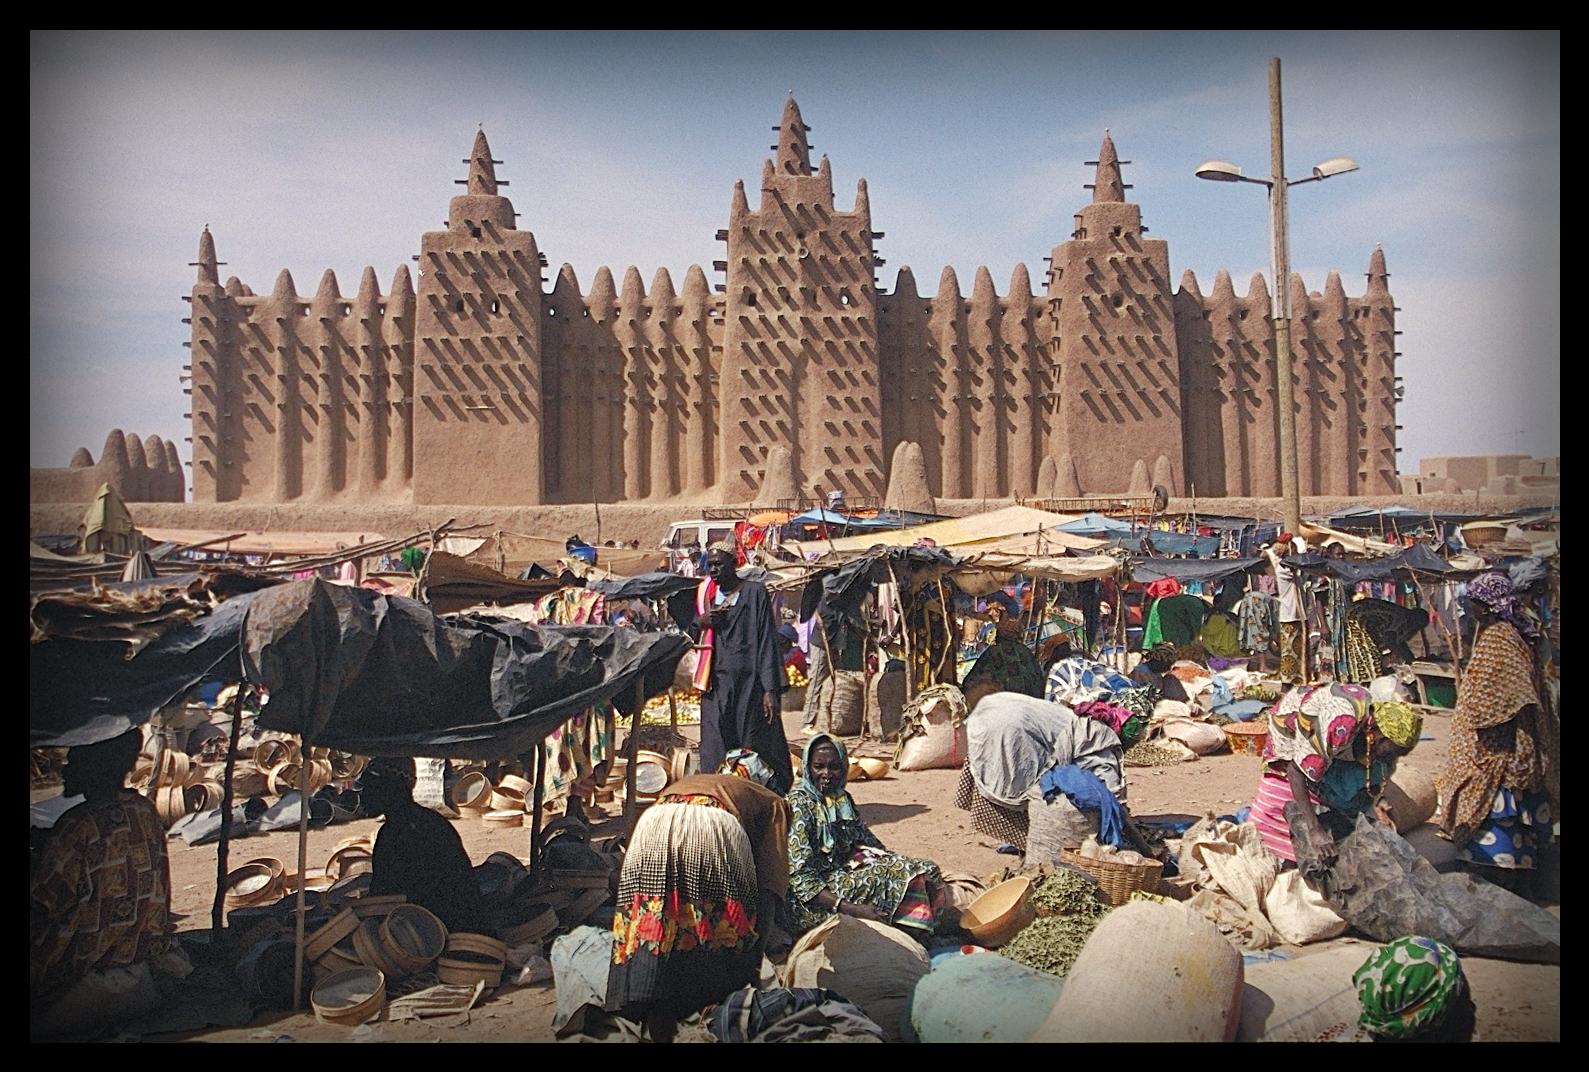 Jour de marché devant la mosquée de Djenné